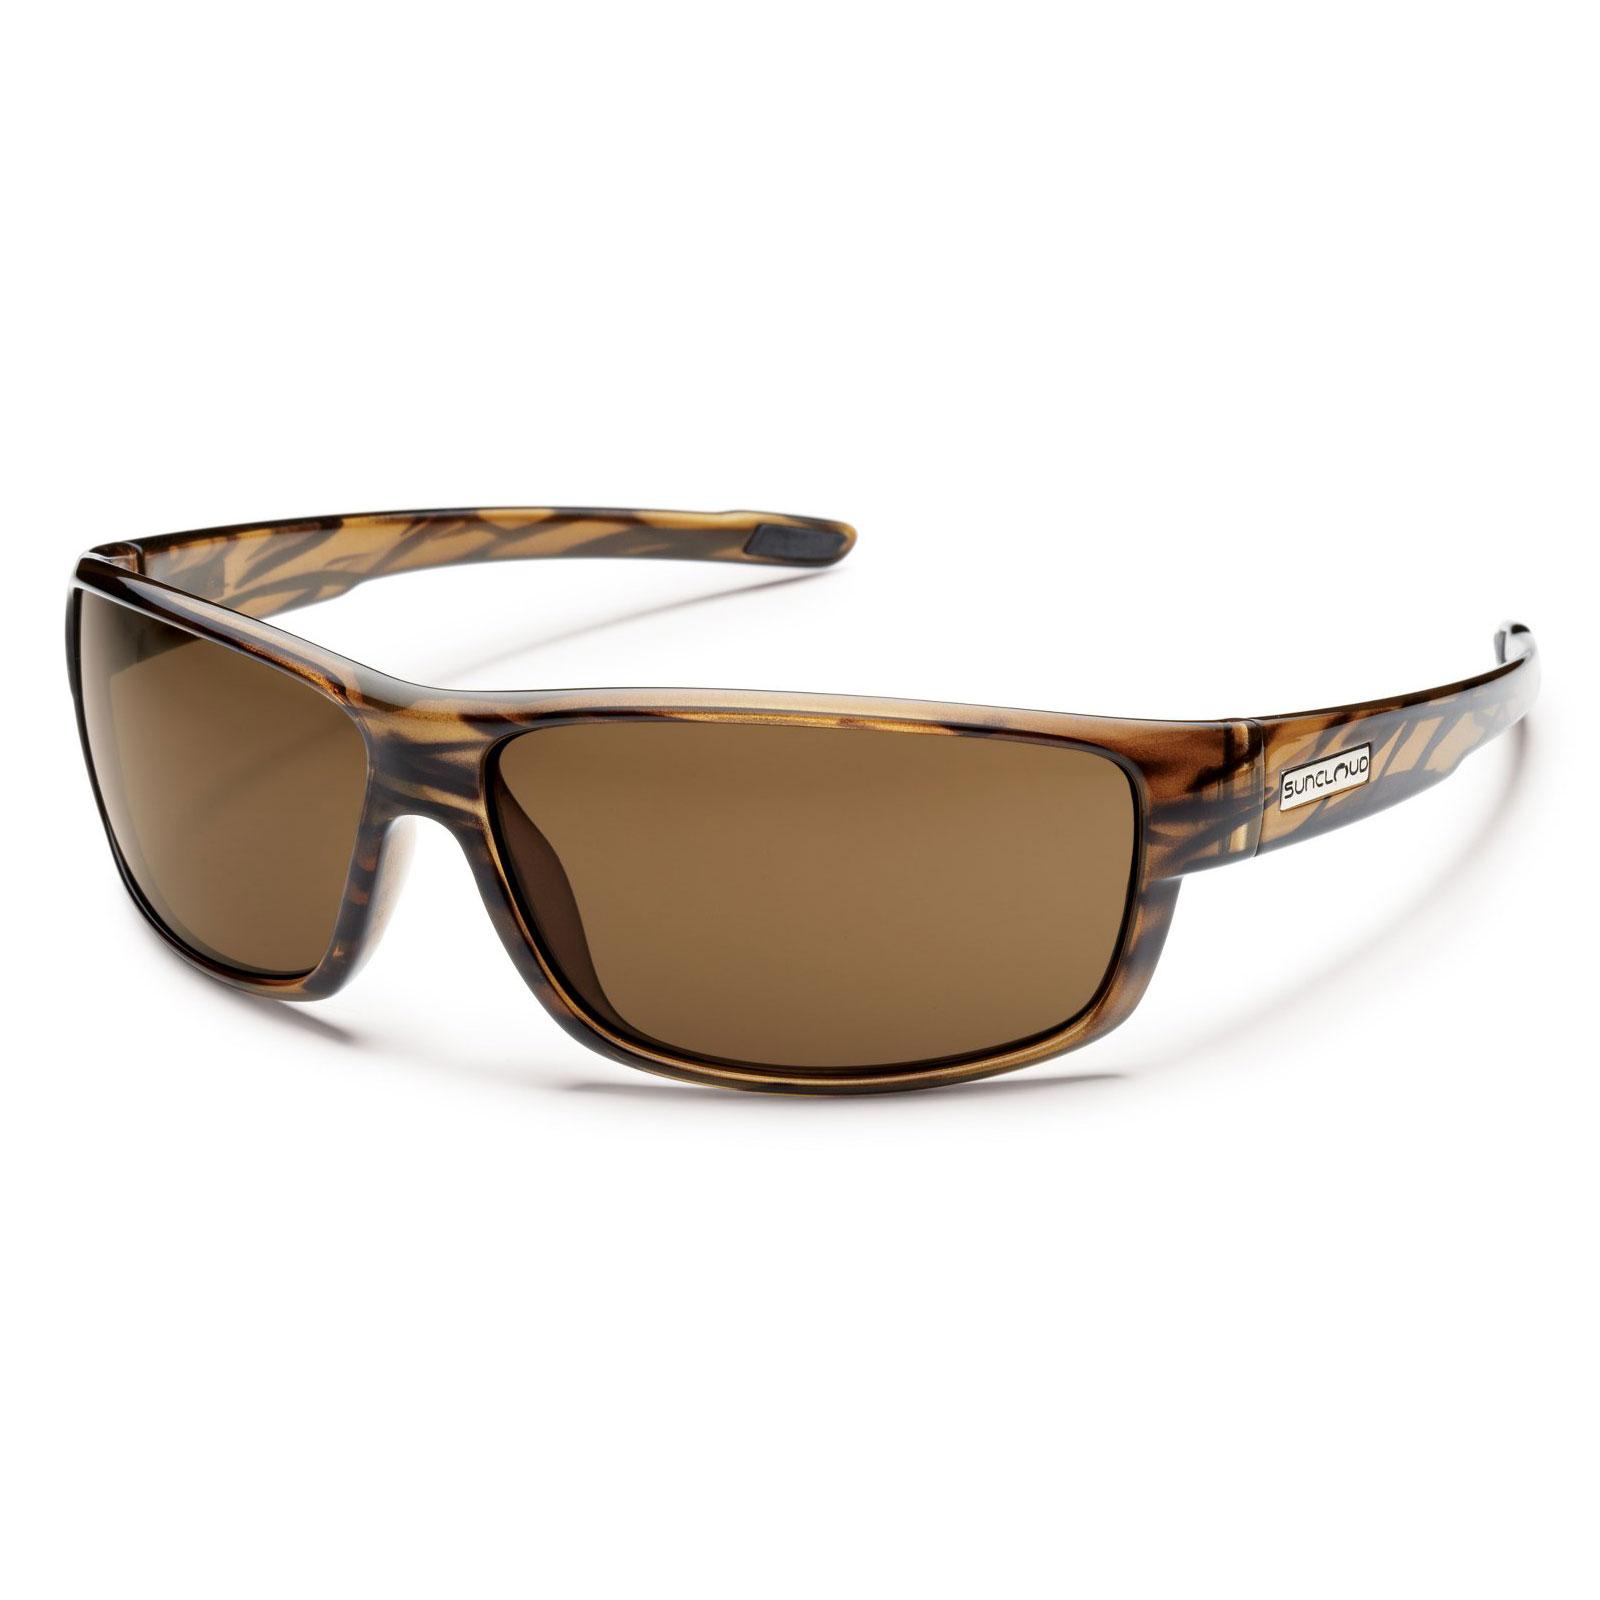 a3bf1cc977 Suncloud Voucher Sunglasses - AvidMax